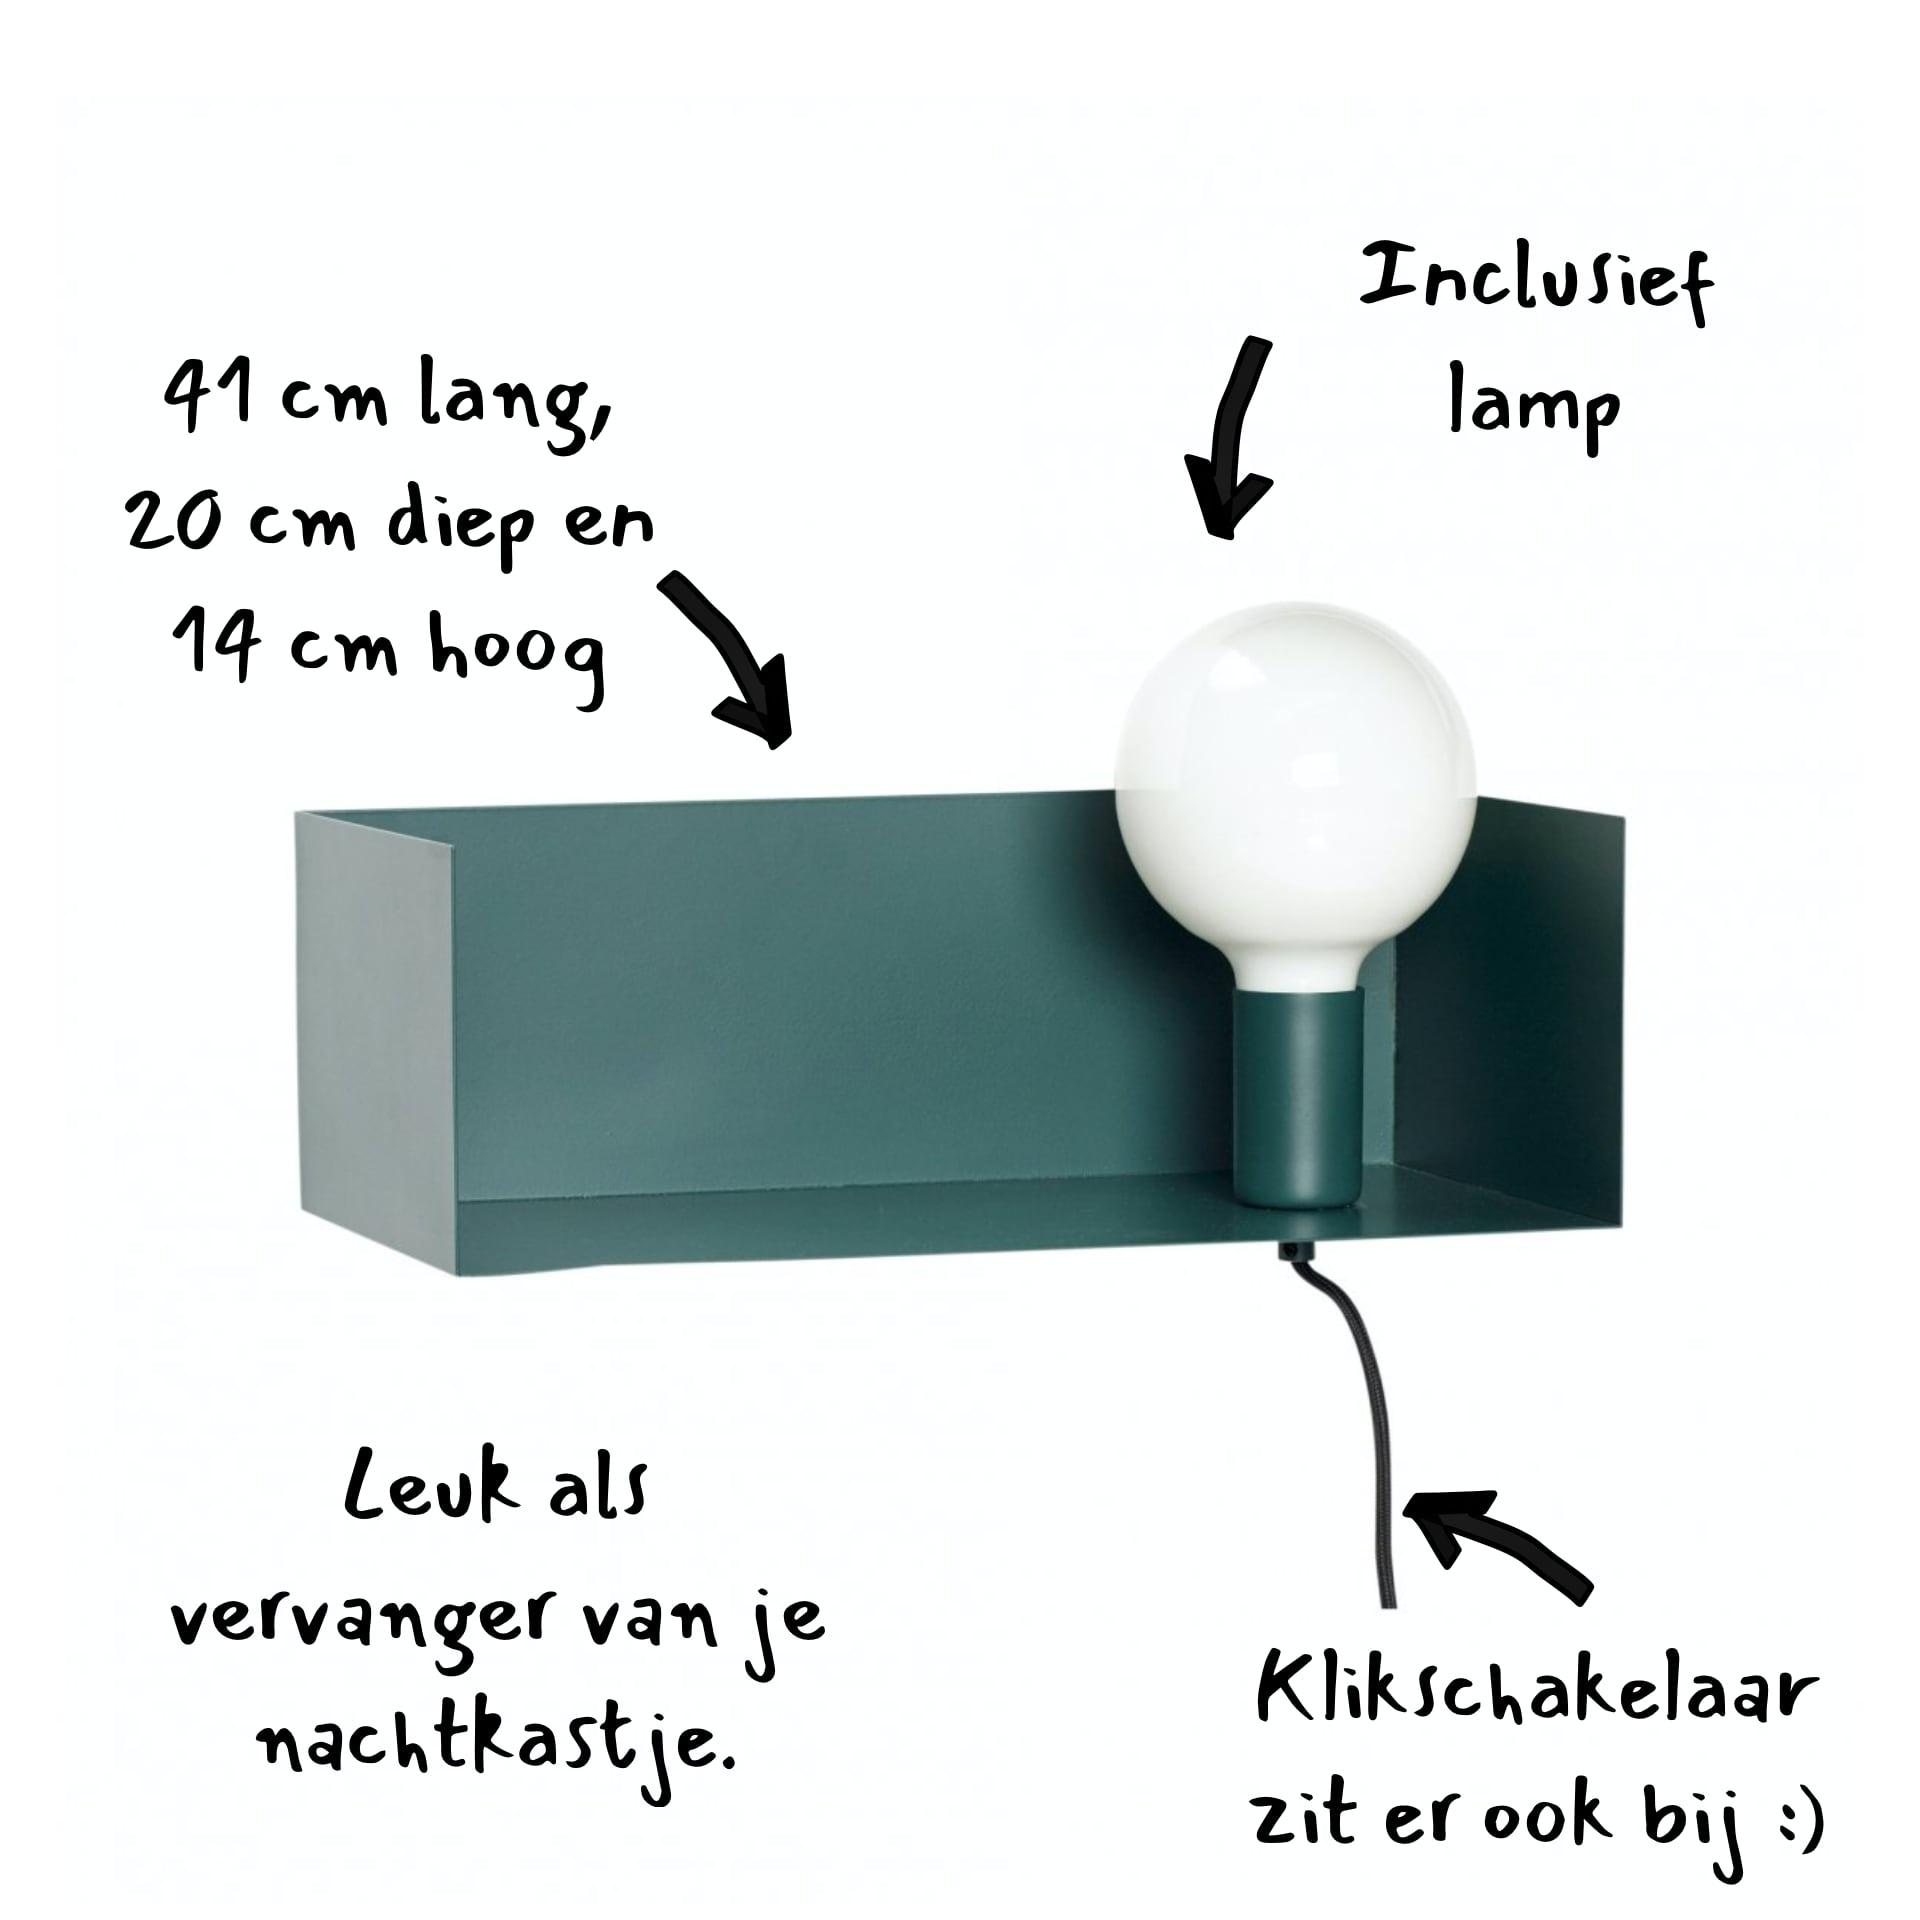 Hubsch wandplank met lamp - metaal - groen - 41 cm